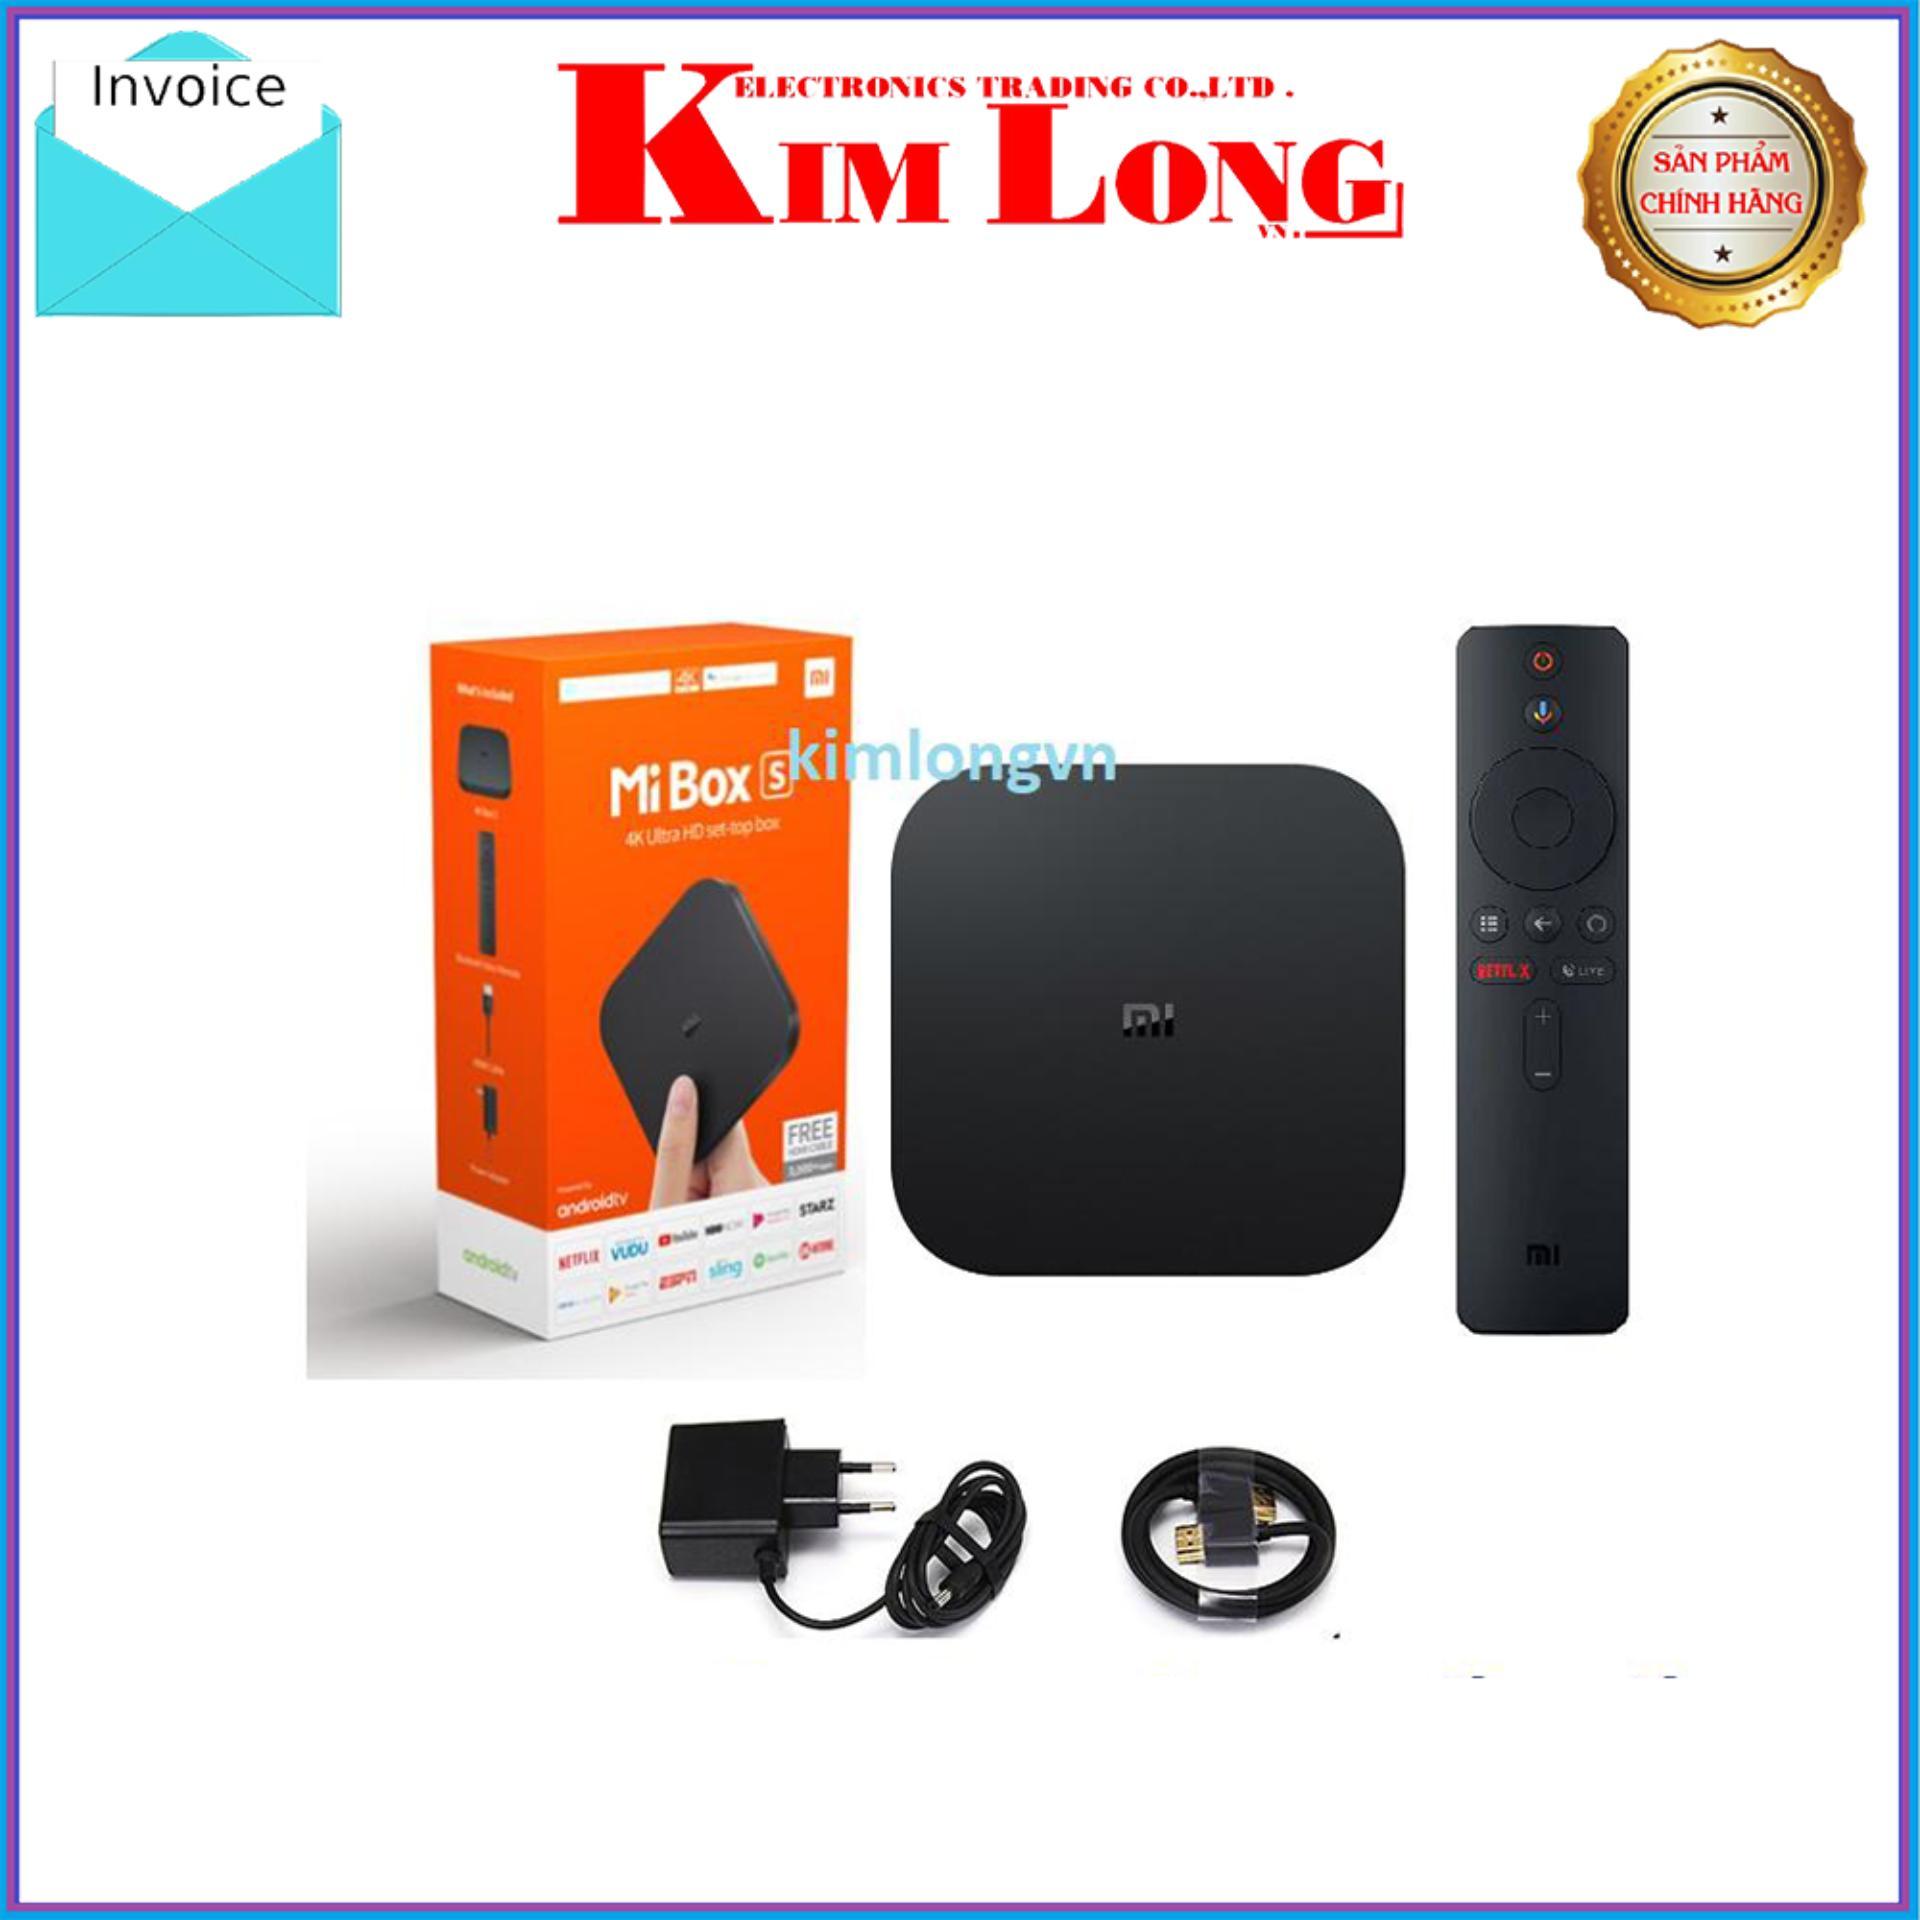 Android TV Box Mibox S 4k HDR Quốc Tế Tiếng Việt - Digiworld phân phối